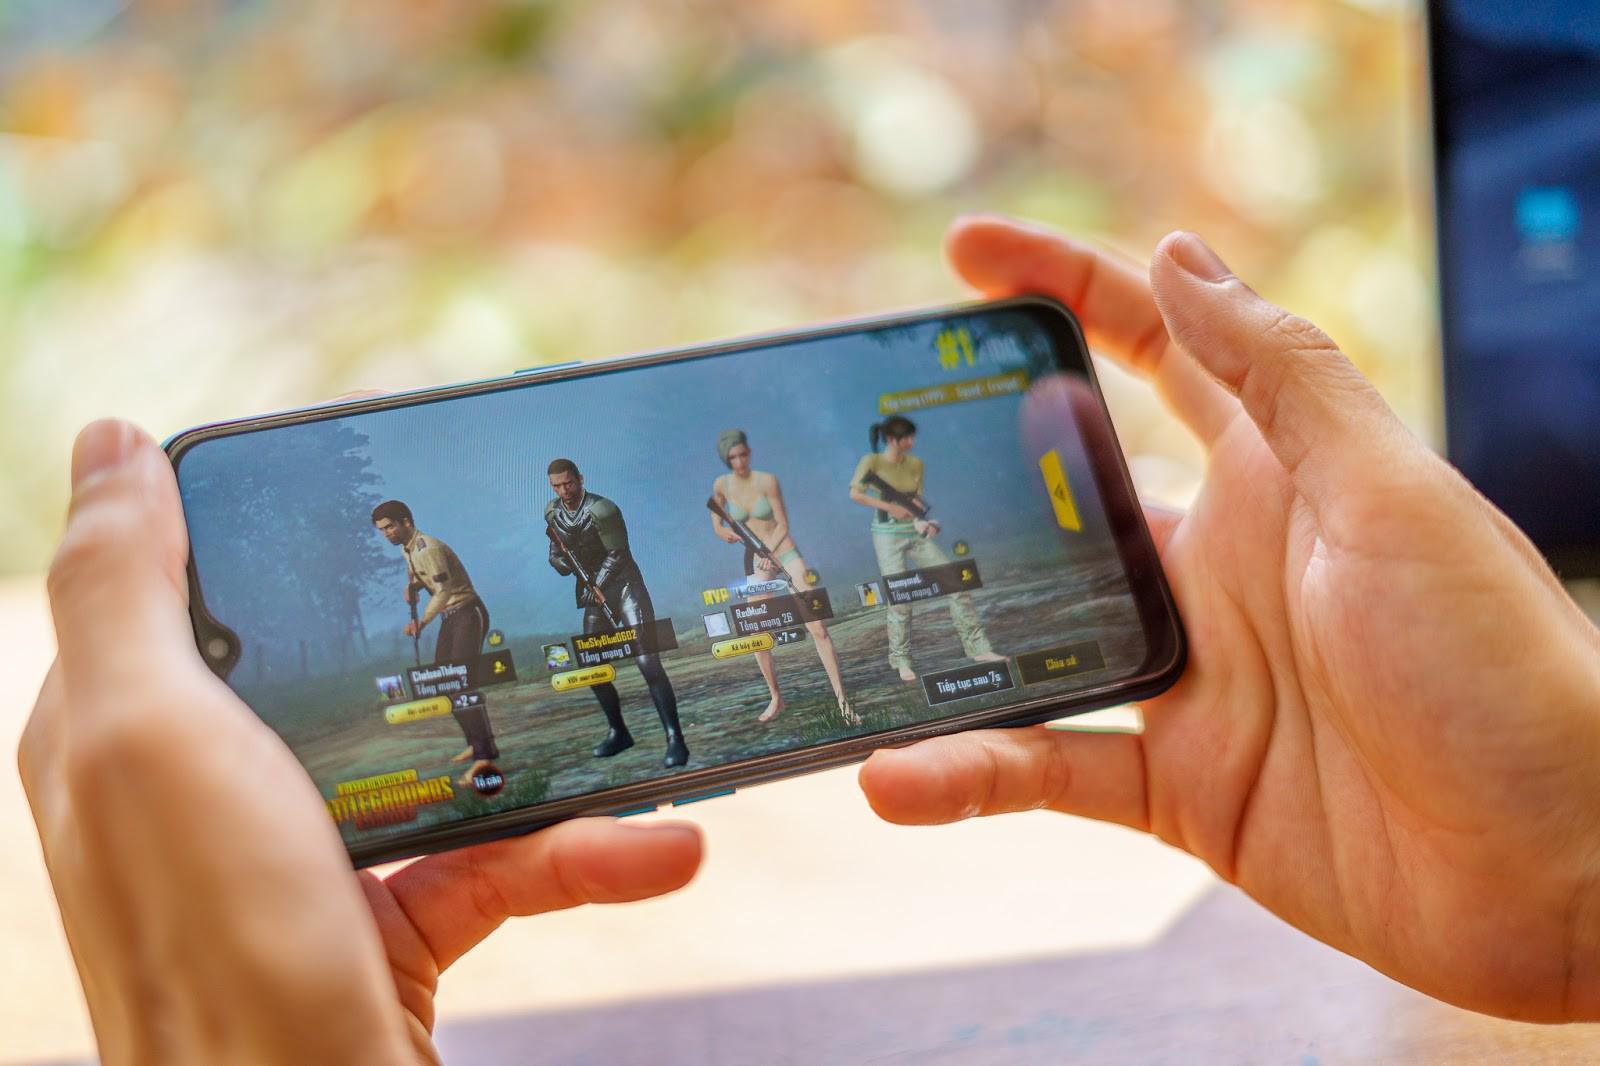 VZN News: Smartphone tầm trung OPPO A9 2020 sẽ mang đến những trải nghiệm tối đa nào với viên pin khủng 5.000 mAh? - Ảnh 7.